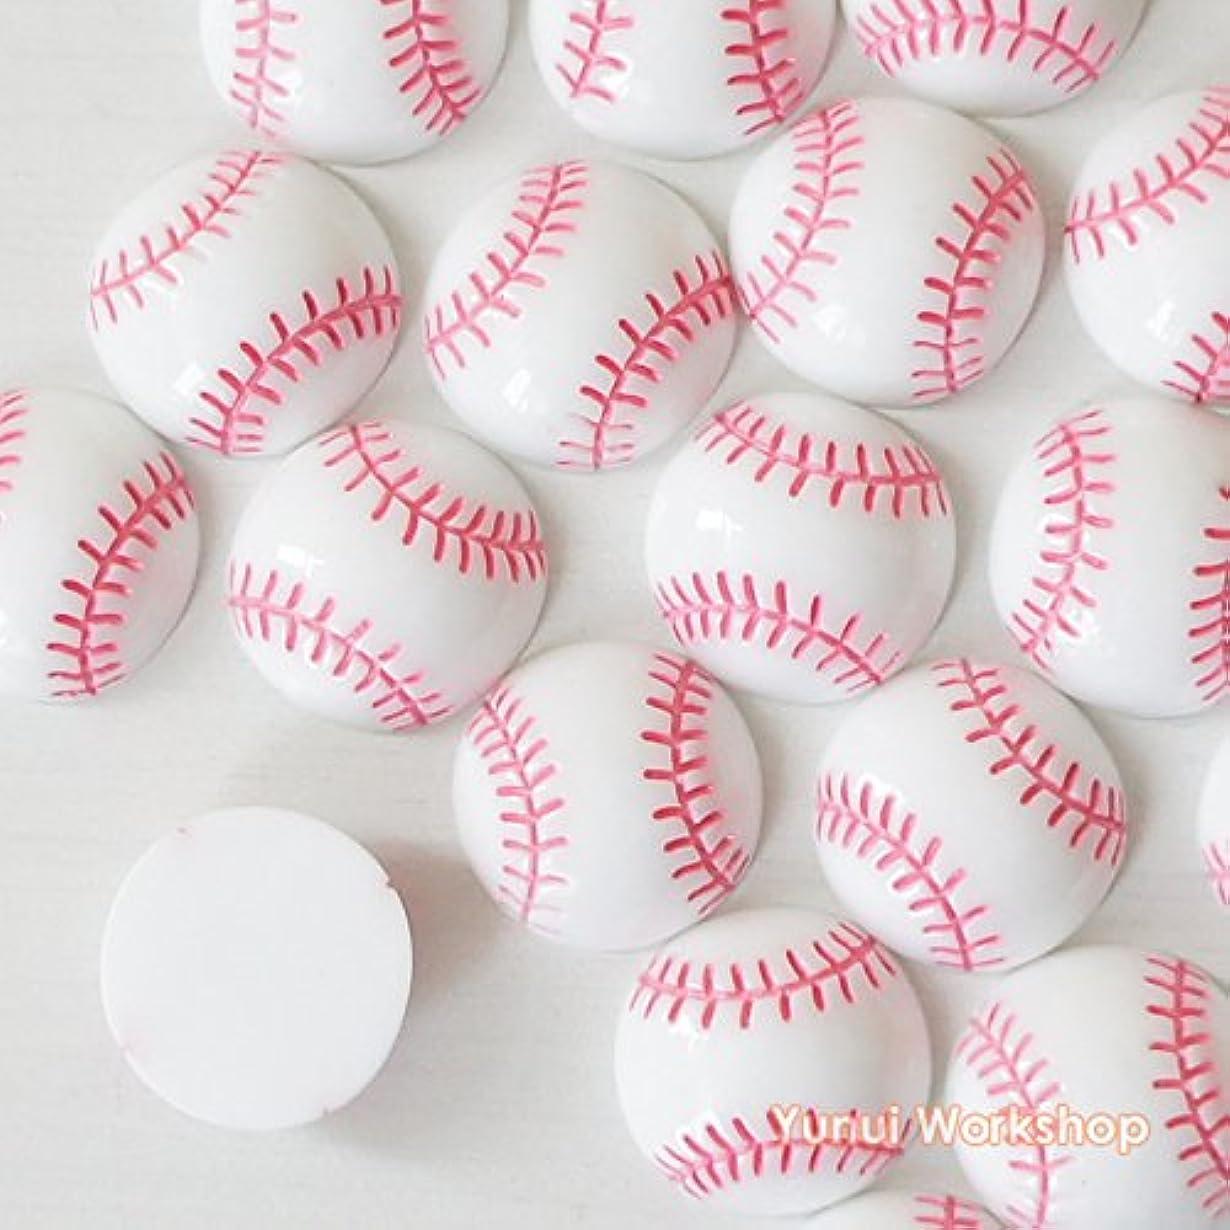 なにエキゾチックこどもの日【野球ボール?6個】24mm x 24mm?デコ用?デコパーツ?カボション?レジン?手作り?手芸?DIY?材料?小物?装飾用